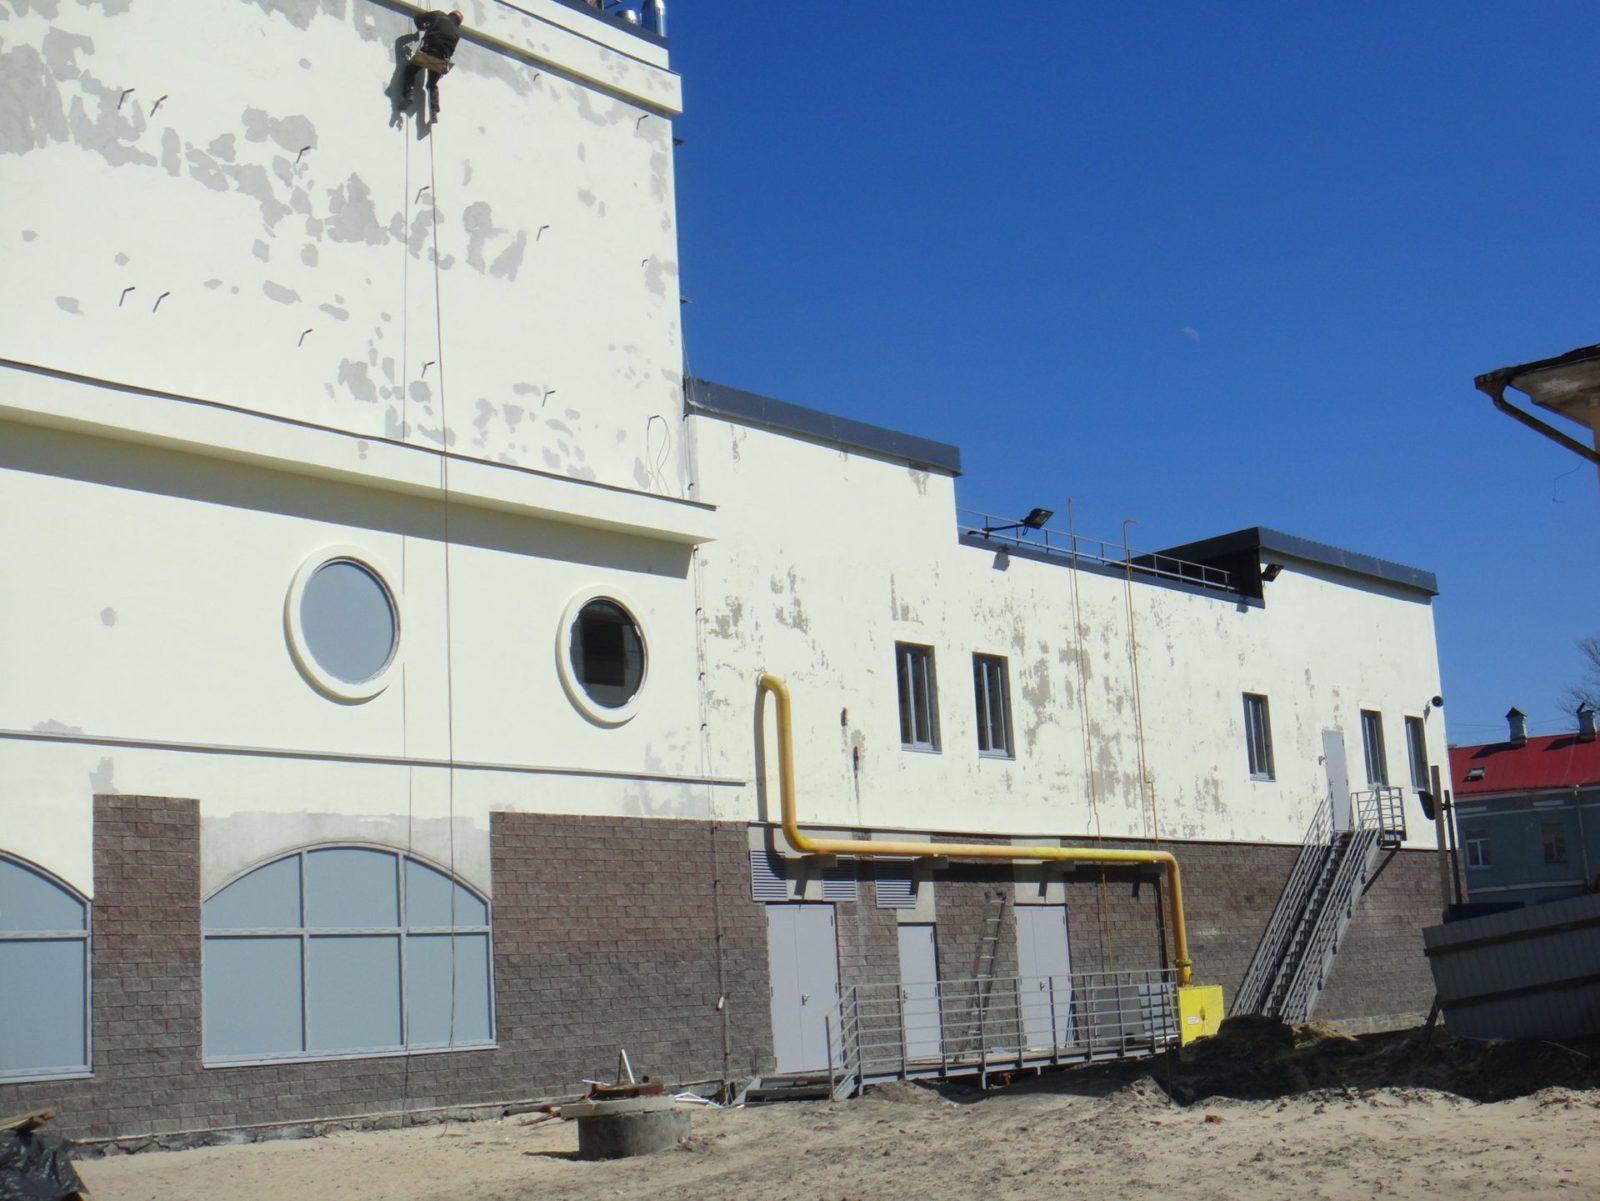 Работы косметического характера по устройству нового штукатурного фасада для Торгово-Развлекательного Комплекса в Петербурге